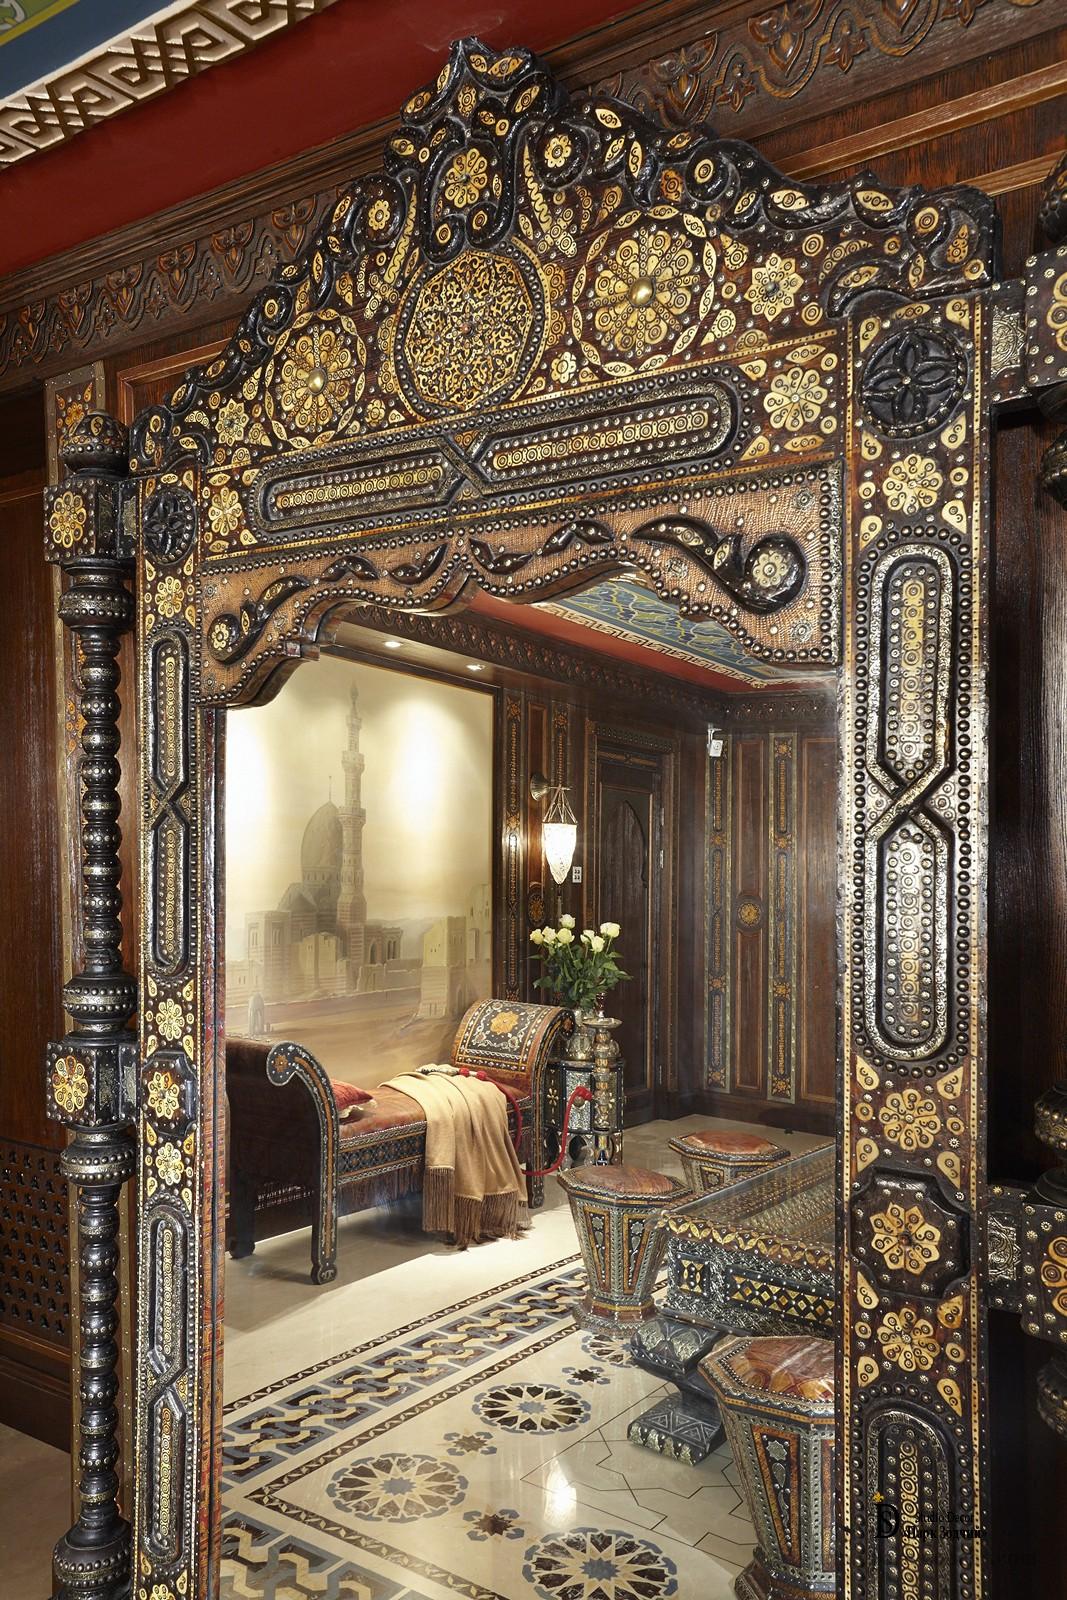 Зеркало в резном обрамлении, тонко инкрустировано и придает гостиной дворцовое величие средневековья